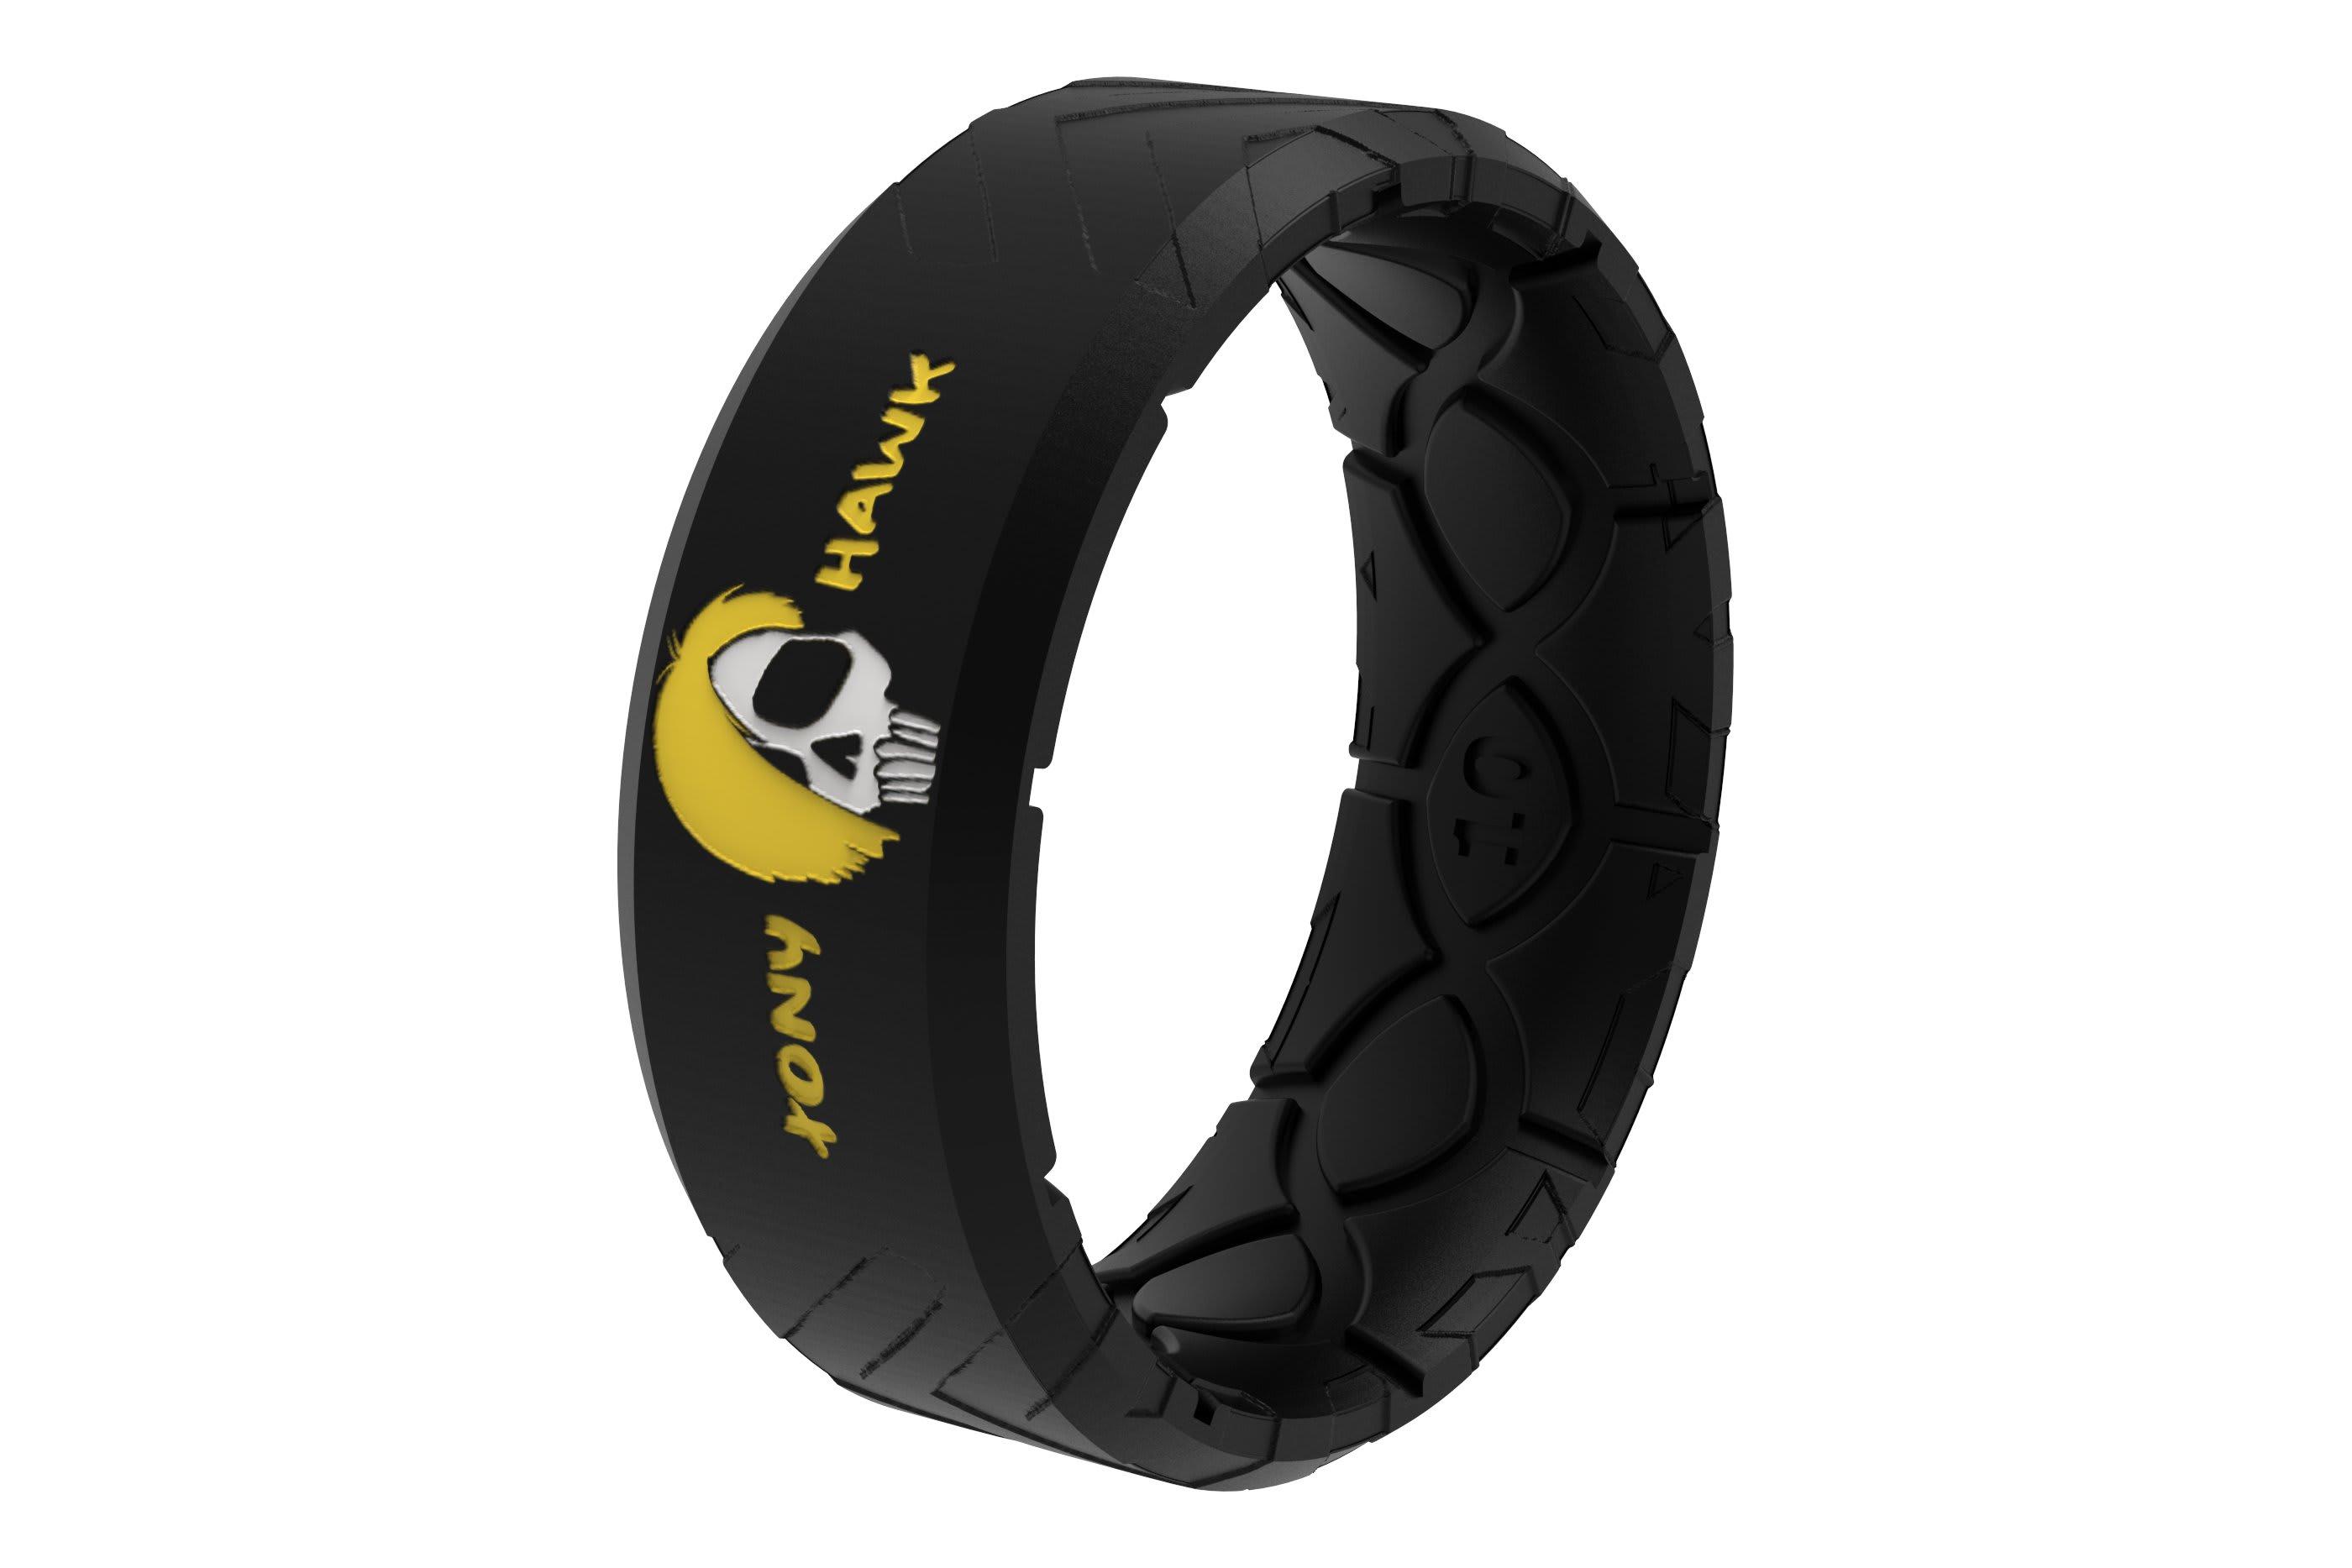 Tony Hawk Skate + Die Ring viewed on its side